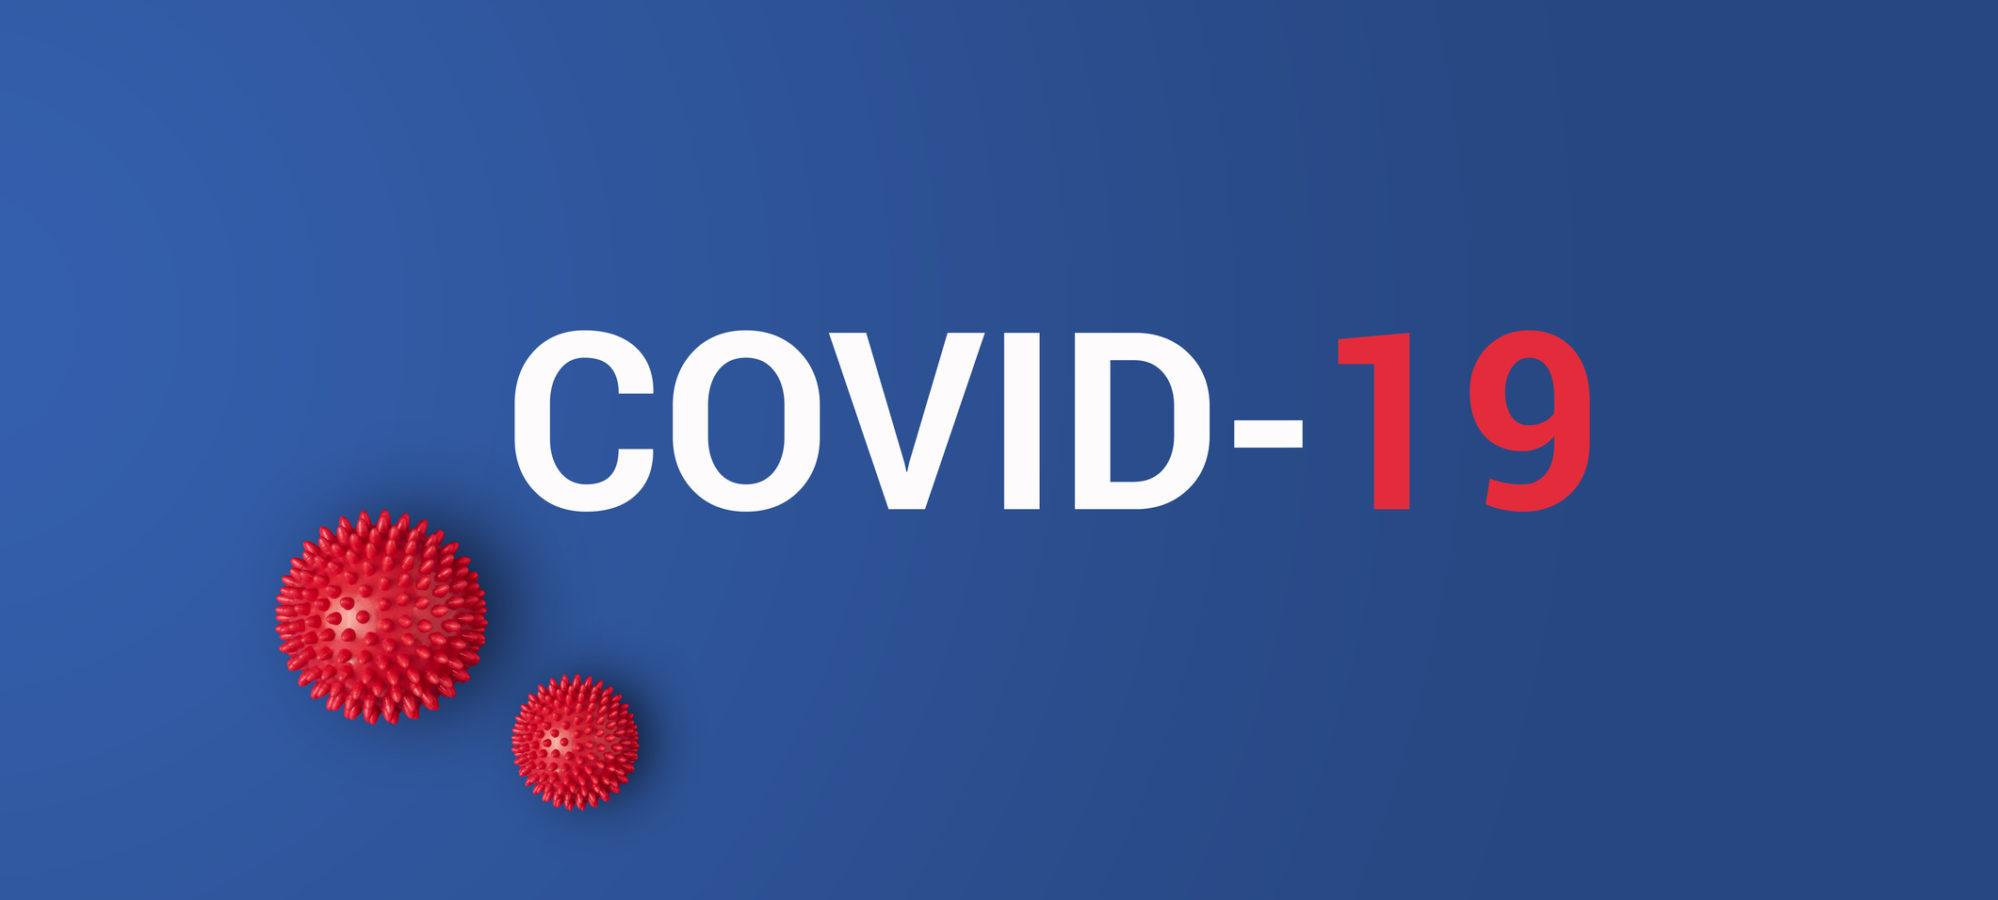 COVID-19 (coronavirus) with red balls